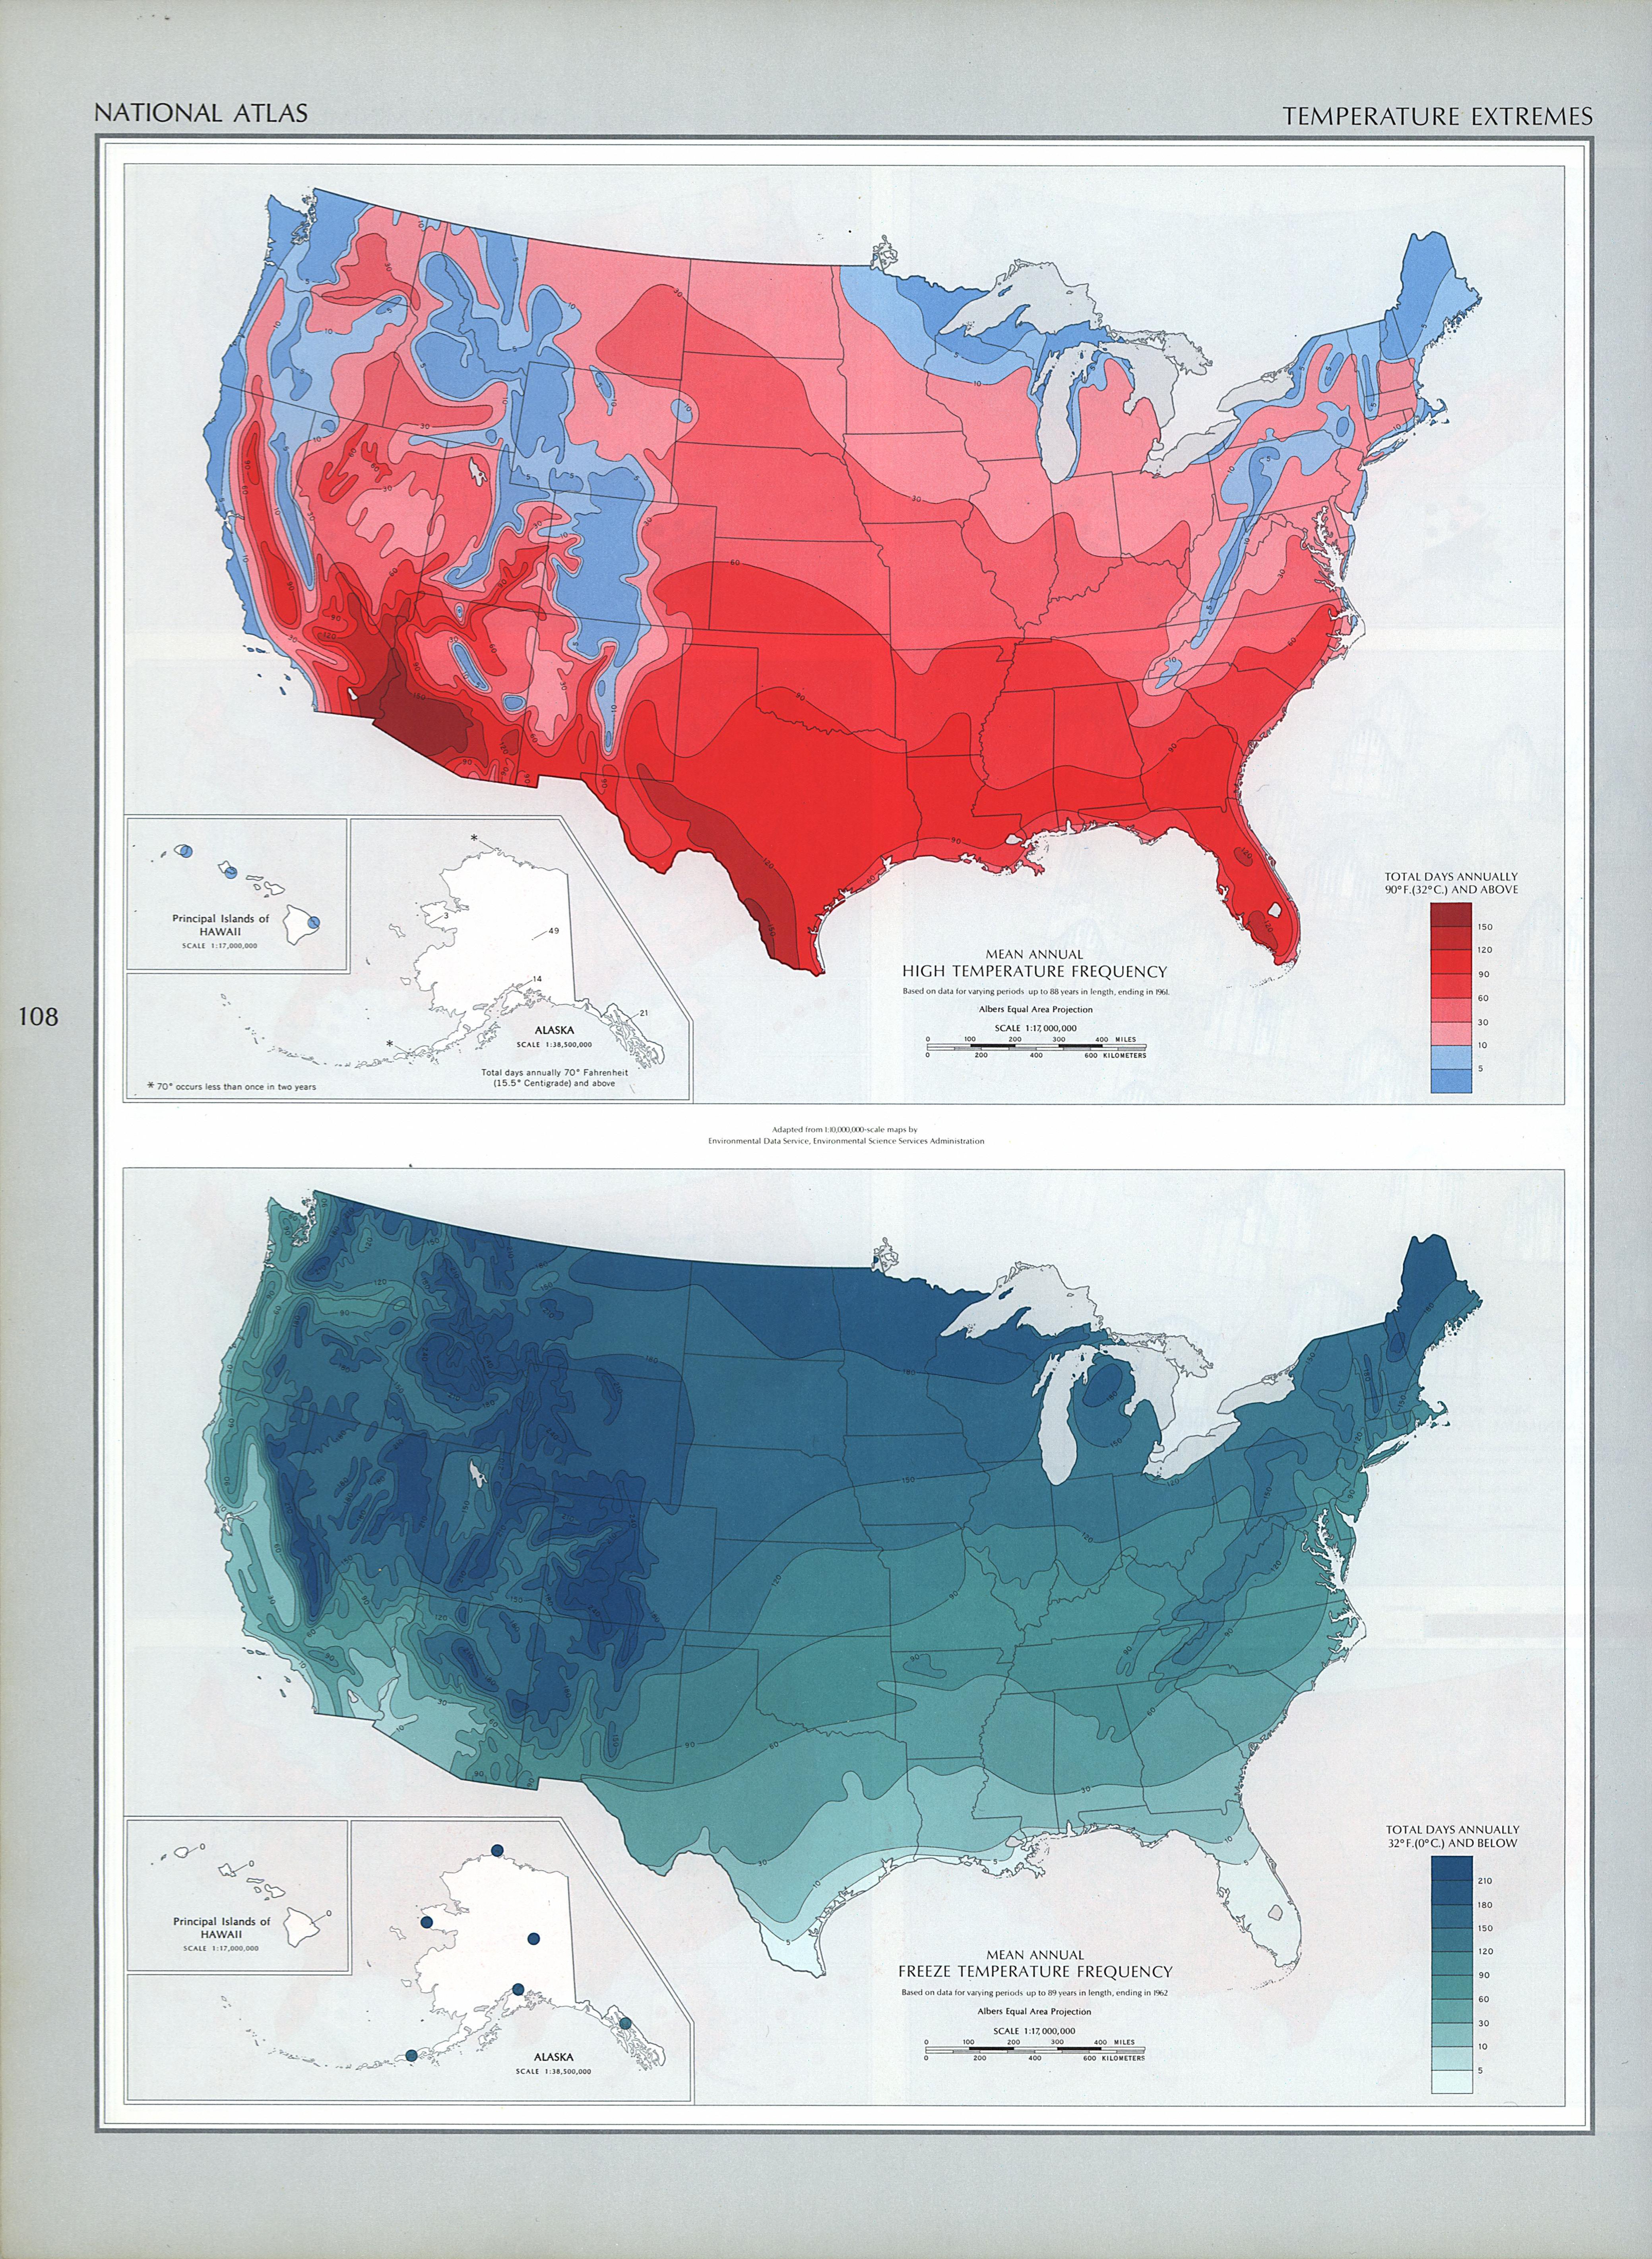 Mapa de los Extremos de Temperatura en Estados Unidos